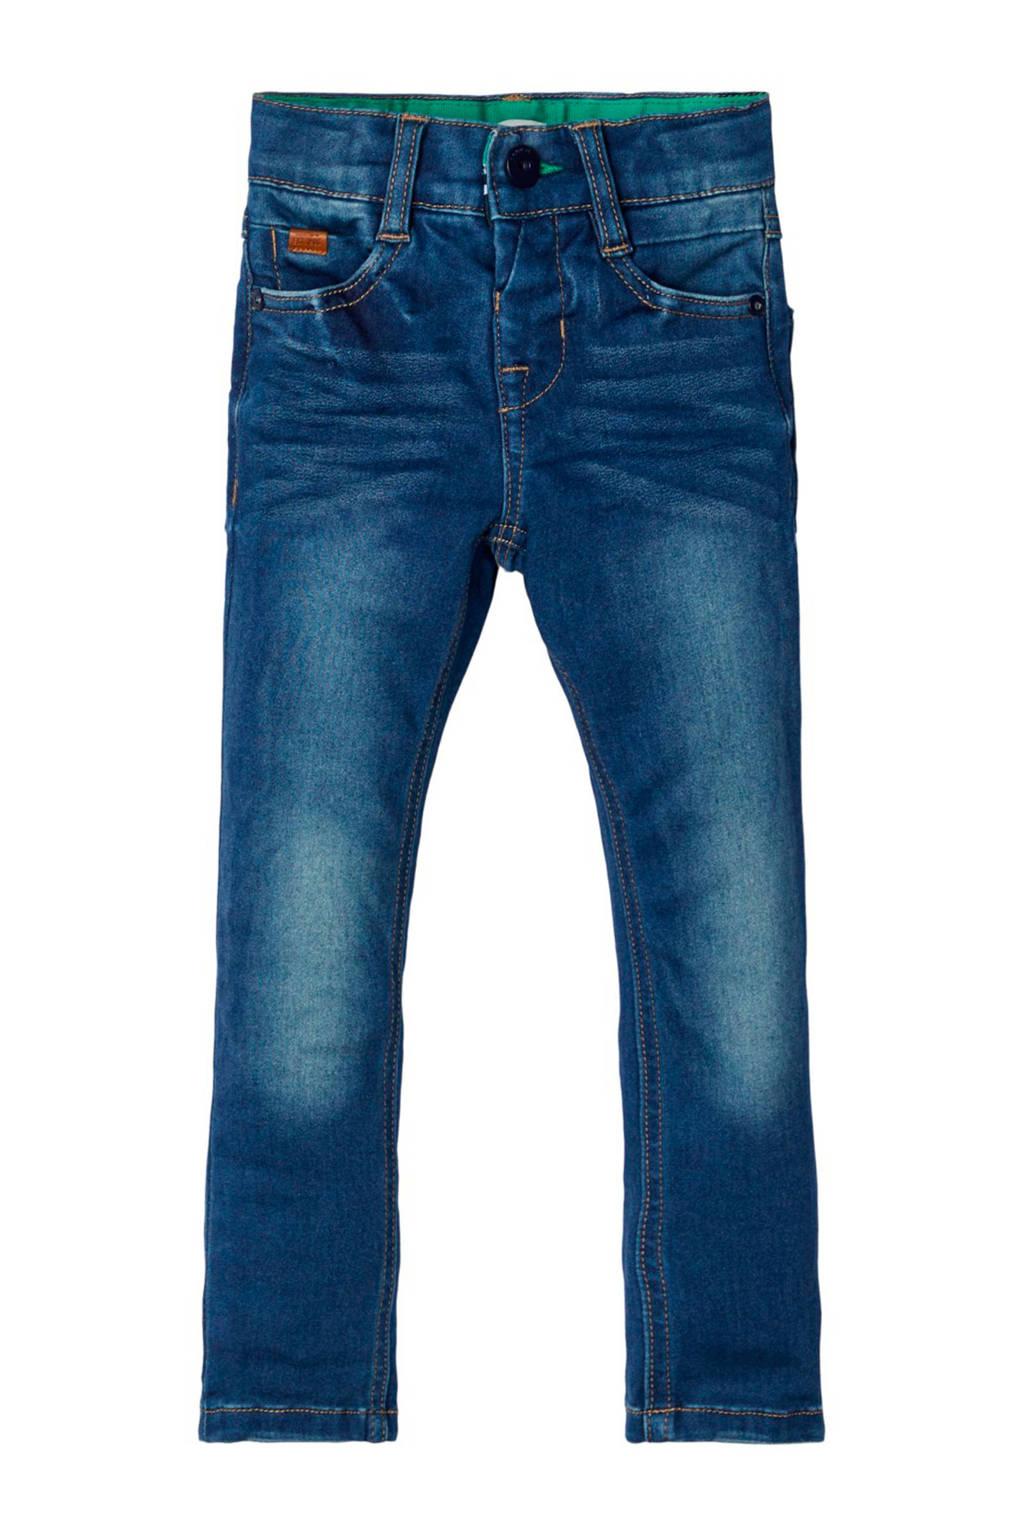 NAME IT MINI skinny jeans dark denim, Dark denim